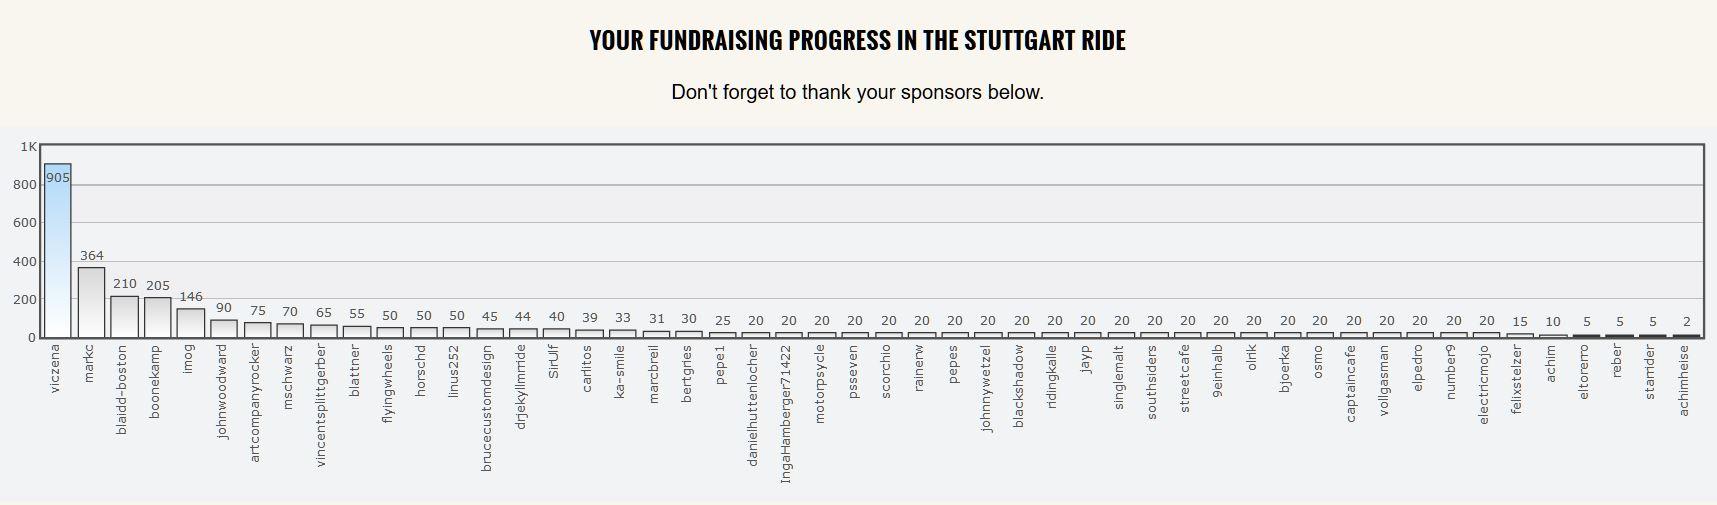 Klicken Sie auf die Grafik für eine größere Ansicht  Name:fundraising.JPG Hits:1041 Größe:92,3 KB ID:2562